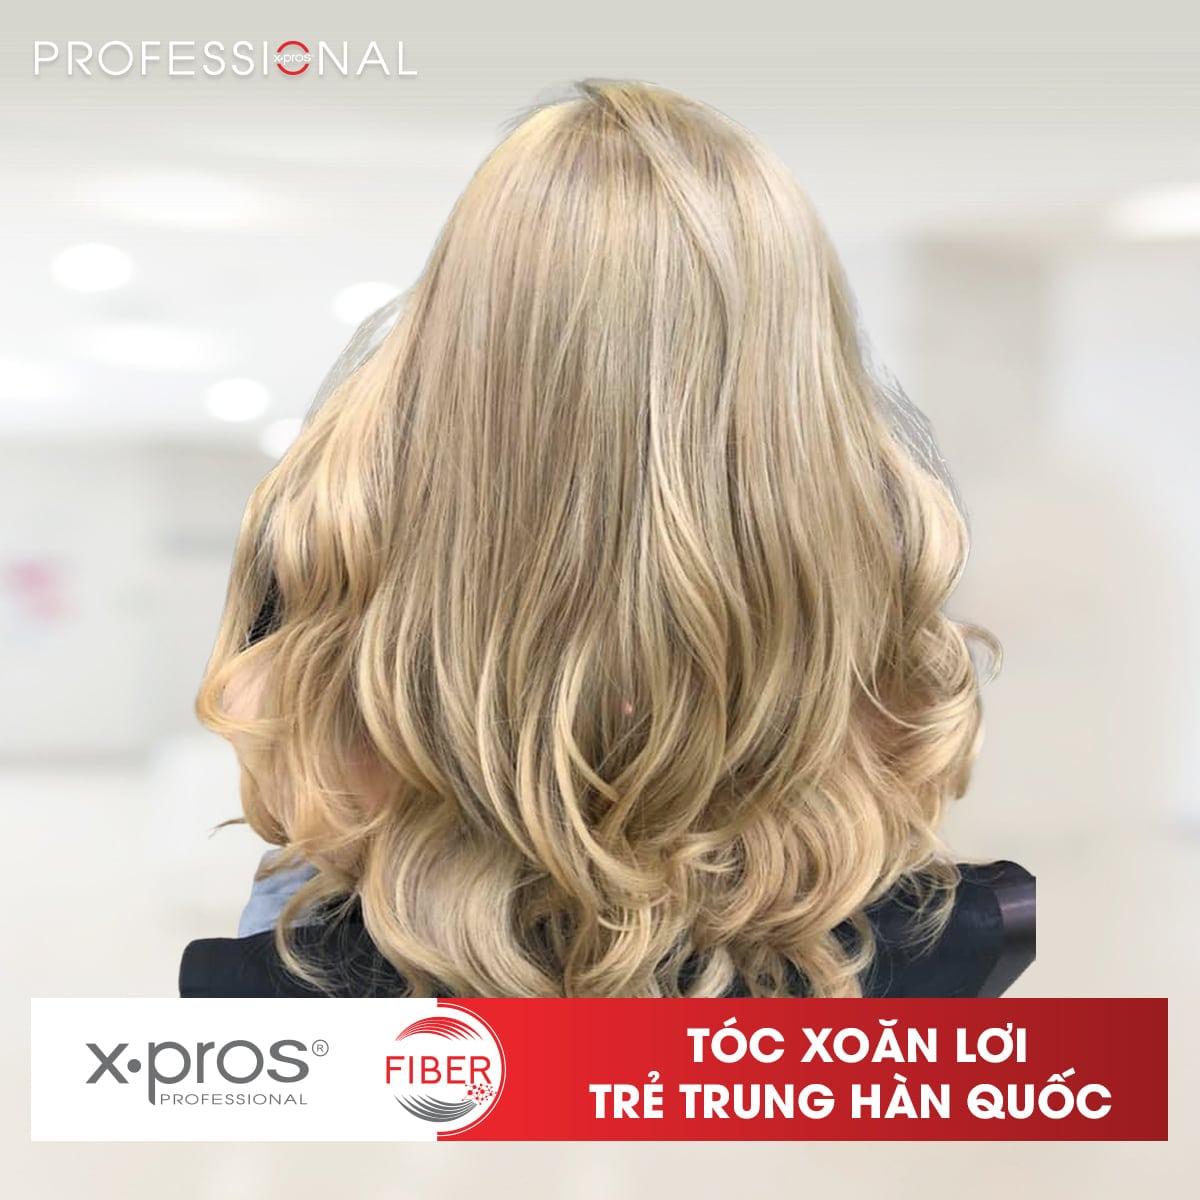 Uốn Setting X.PROS FIBER giải quyết mọi vấn đề tóc xơ rối và khô sau khi uốn